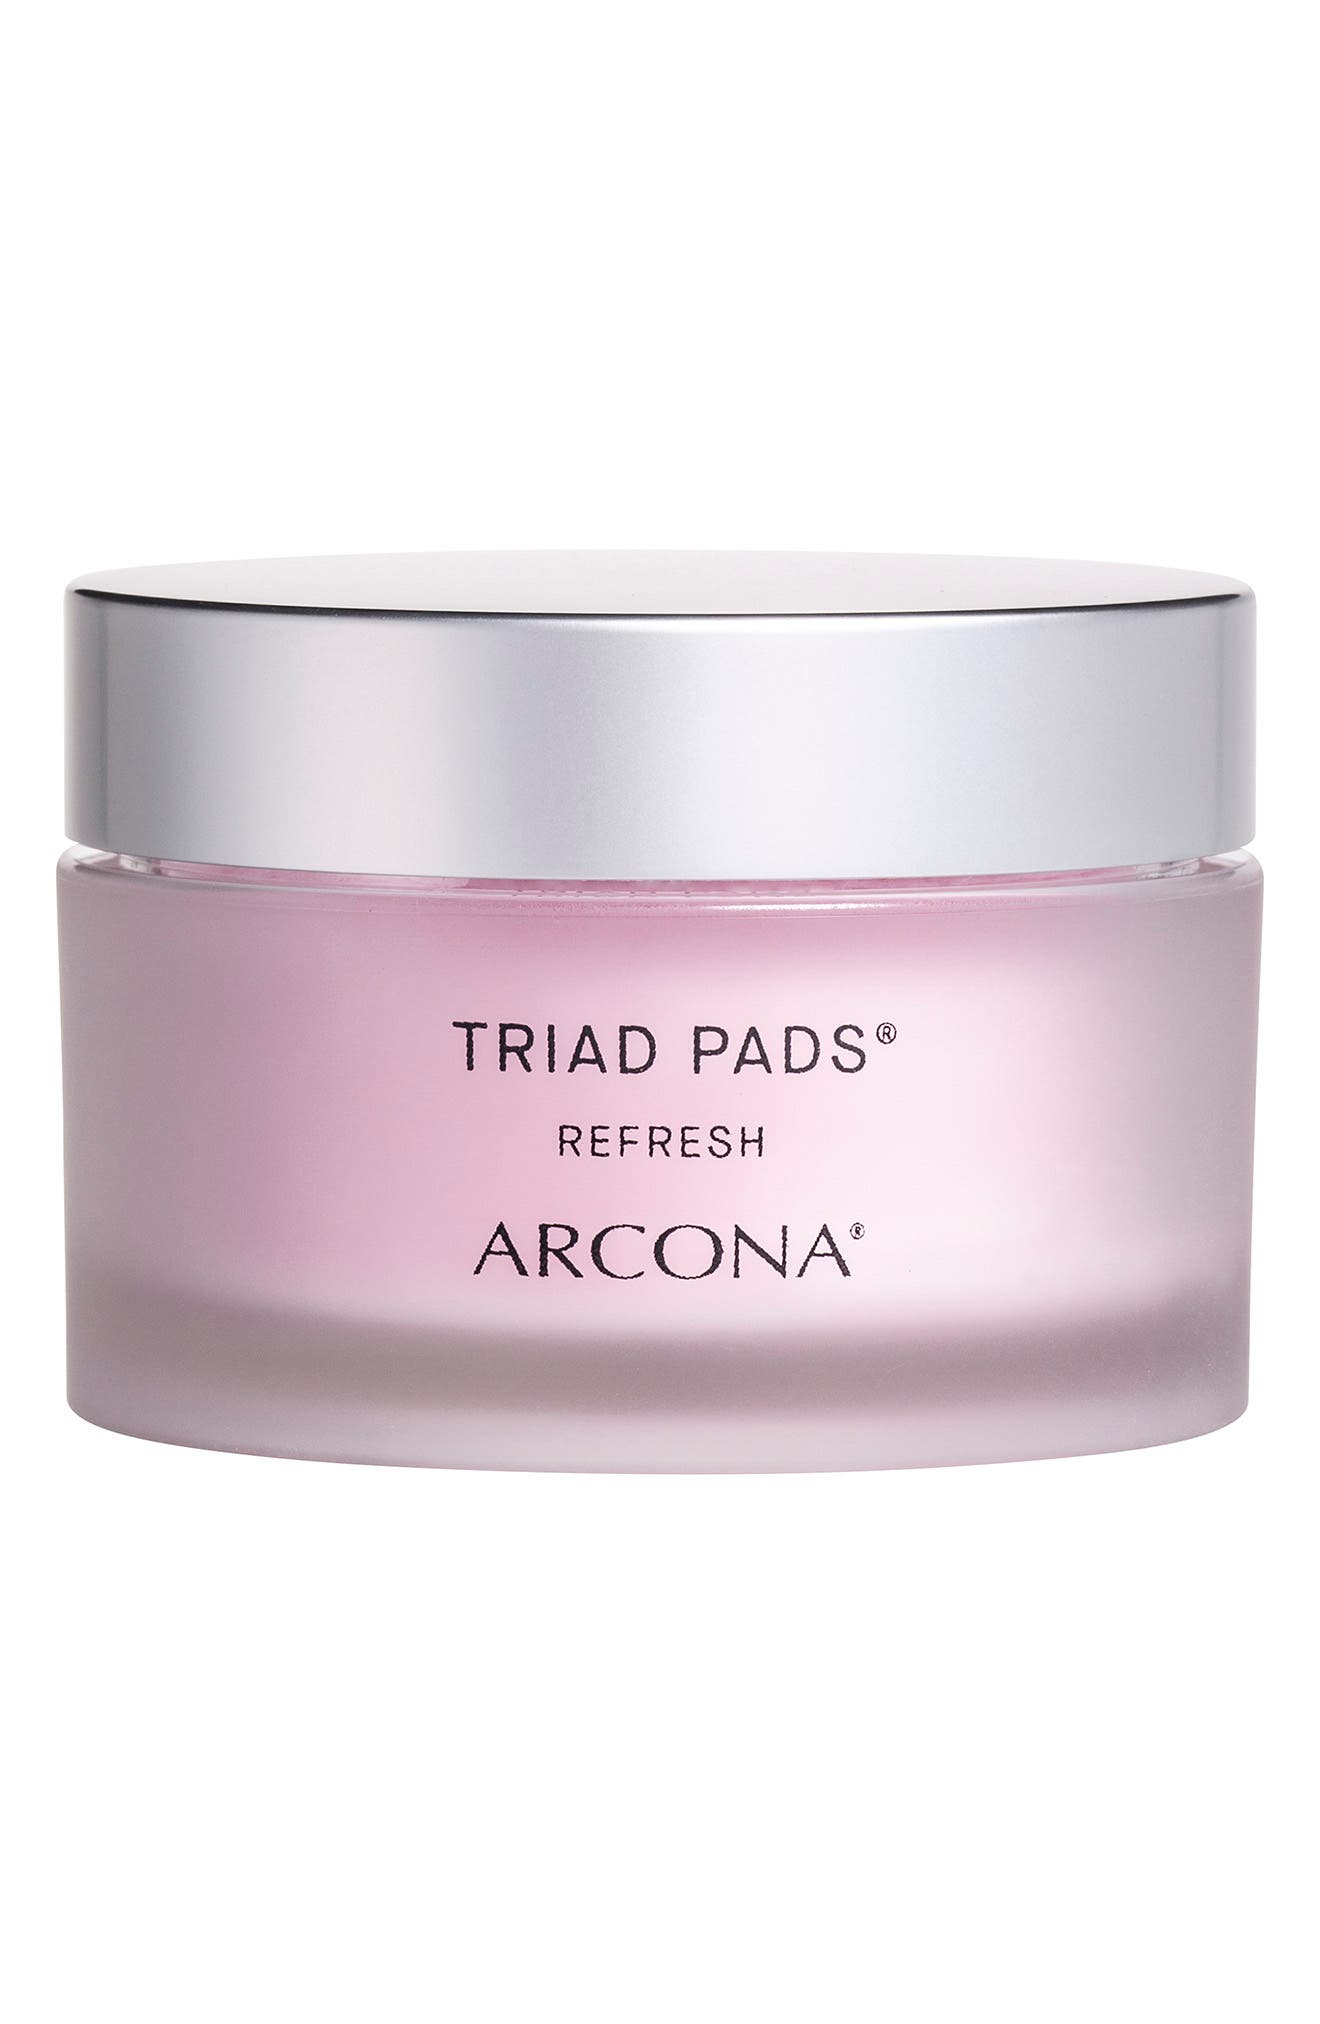 Triad Pads Refresh Facial Toner Pads